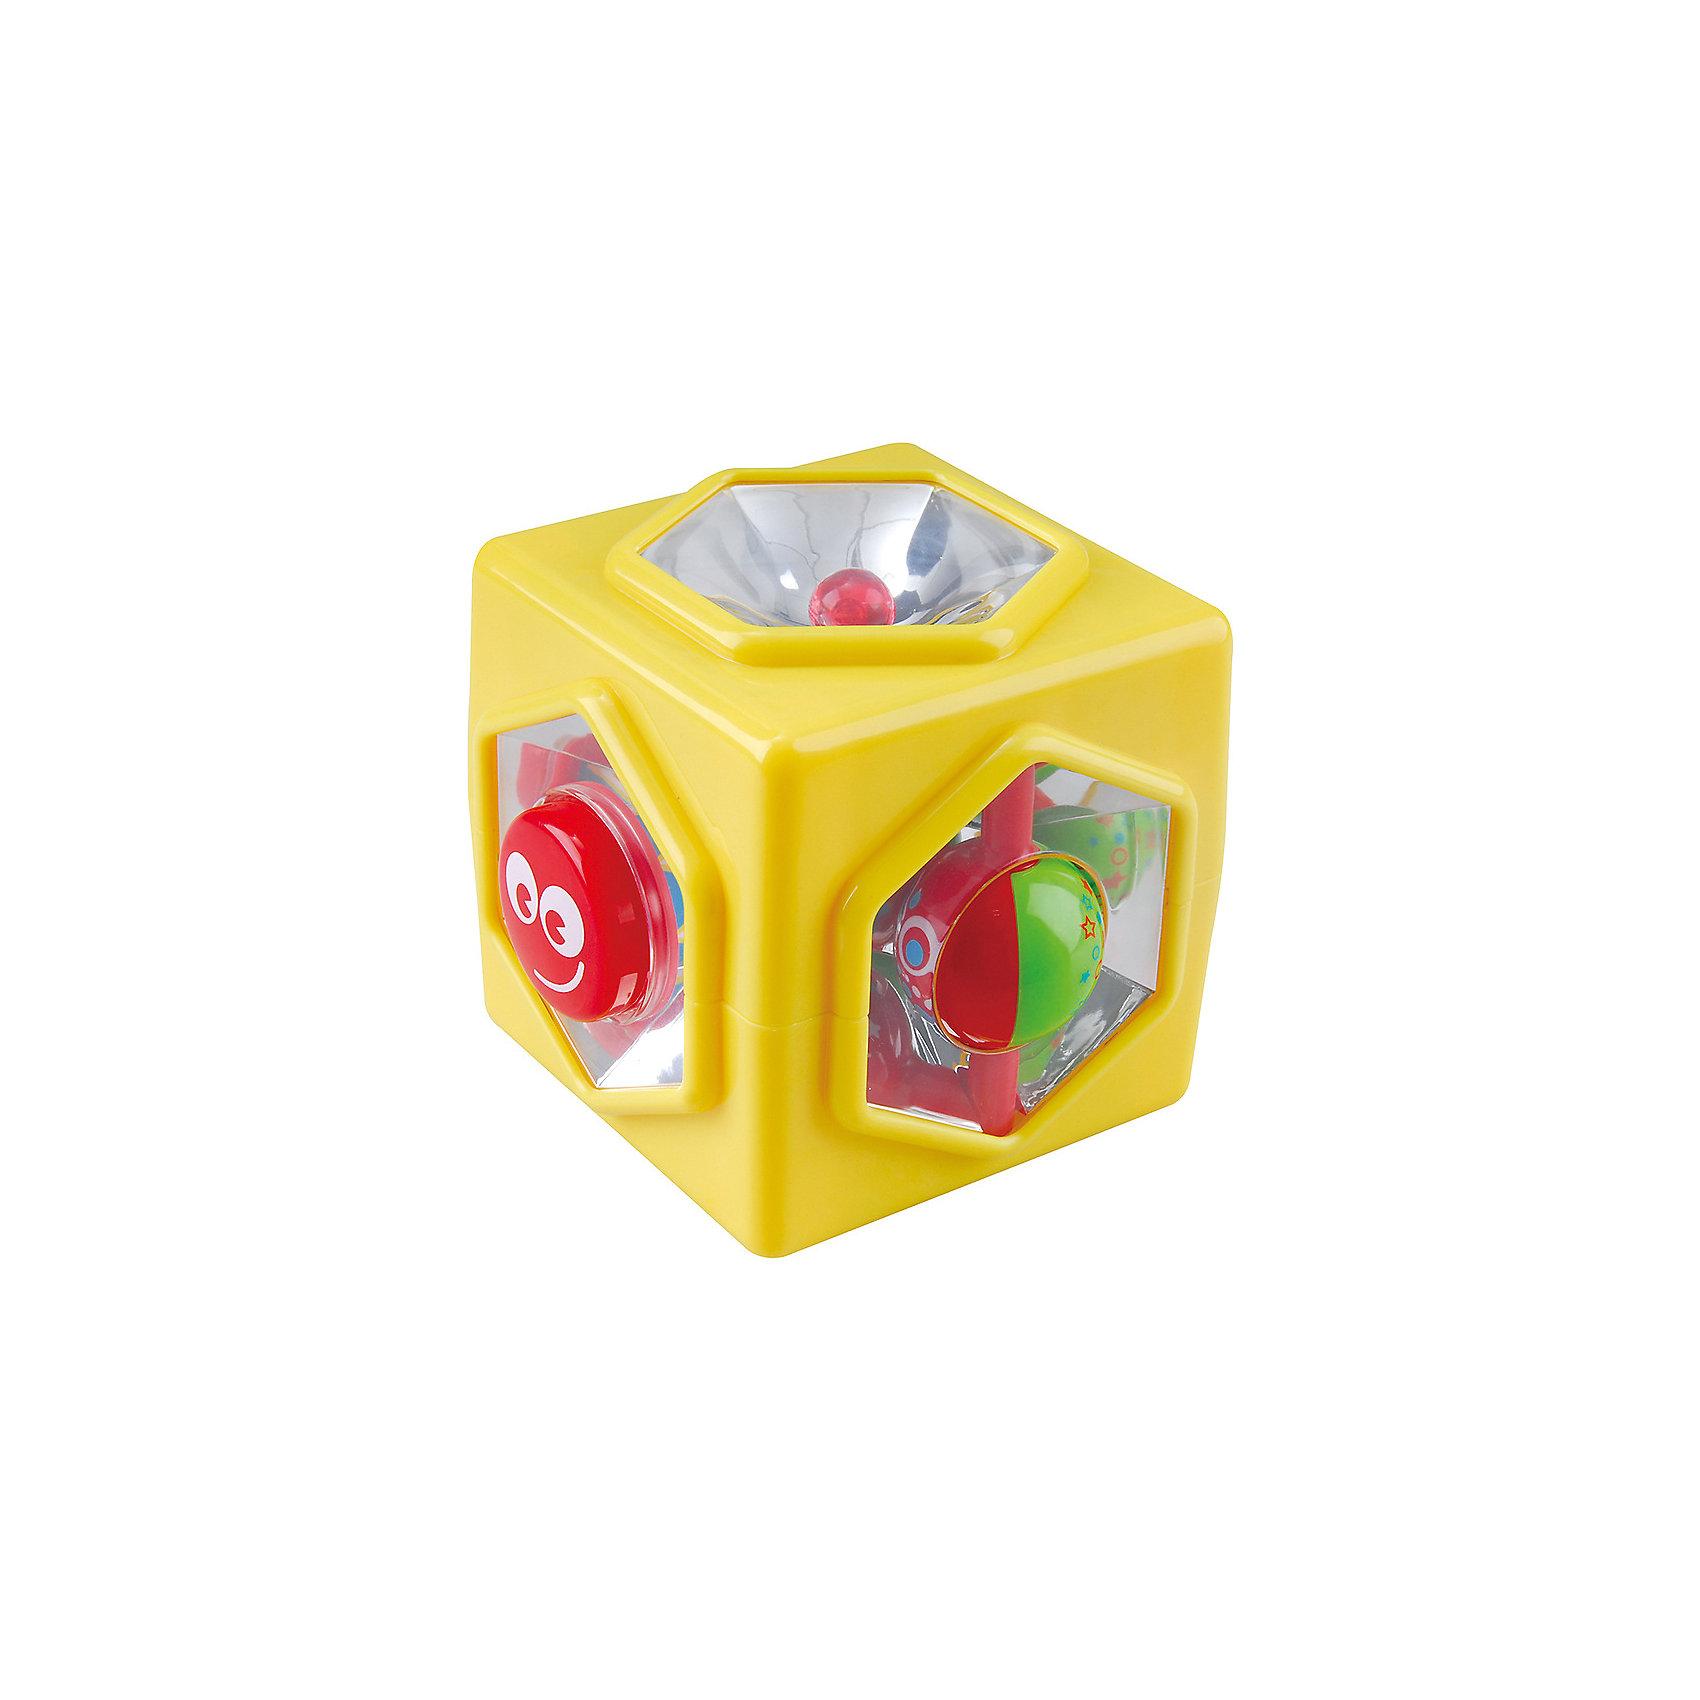 Развивающая игрушка Куб  5 в 1, PlaygoРазвивающие игрушки<br>Развивающая игрушка Куб  5 в 1, Playgo<br><br>Характеристики:<br>- Материал: пластик<br>- Размер: 10 * 10 * 11,5 см.<br>Куб 5 в 1 от известного китайского бренда развивающих игрушек для детей Playgo (Плейго) станет прекрасным подарком для крохи. Целых пять сторон веселья предоставляет этот куб. Кнопочки, переключатели, зеркала и отражатели позволят развить логическое мышление в ходе решения этих загадок. Изготовленная из качественного пластика, разноцветная игрушка способствует развитию тактильных ощущений, звукового восприятия, воображения, светового восприятия и моторики ручек. Небольшой размер позволит брать эту игрушку на прогулку и в поездку.<br>Развивающую игрушку  Куб  5 в 1, Playgo (Плейго) можно купить в нашем интернет-магазине.<br>Подробнее:<br>• Для детей в возрасте: от 6 до 24 месяцев <br>• Номер товара: 5054063<br>Страна производитель: Китай<br><br>Ширина мм: 140<br>Глубина мм: 140<br>Высота мм: 130<br>Вес г: 290<br>Возраст от месяцев: 12<br>Возраст до месяцев: 36<br>Пол: Унисекс<br>Возраст: Детский<br>SKU: 5054063